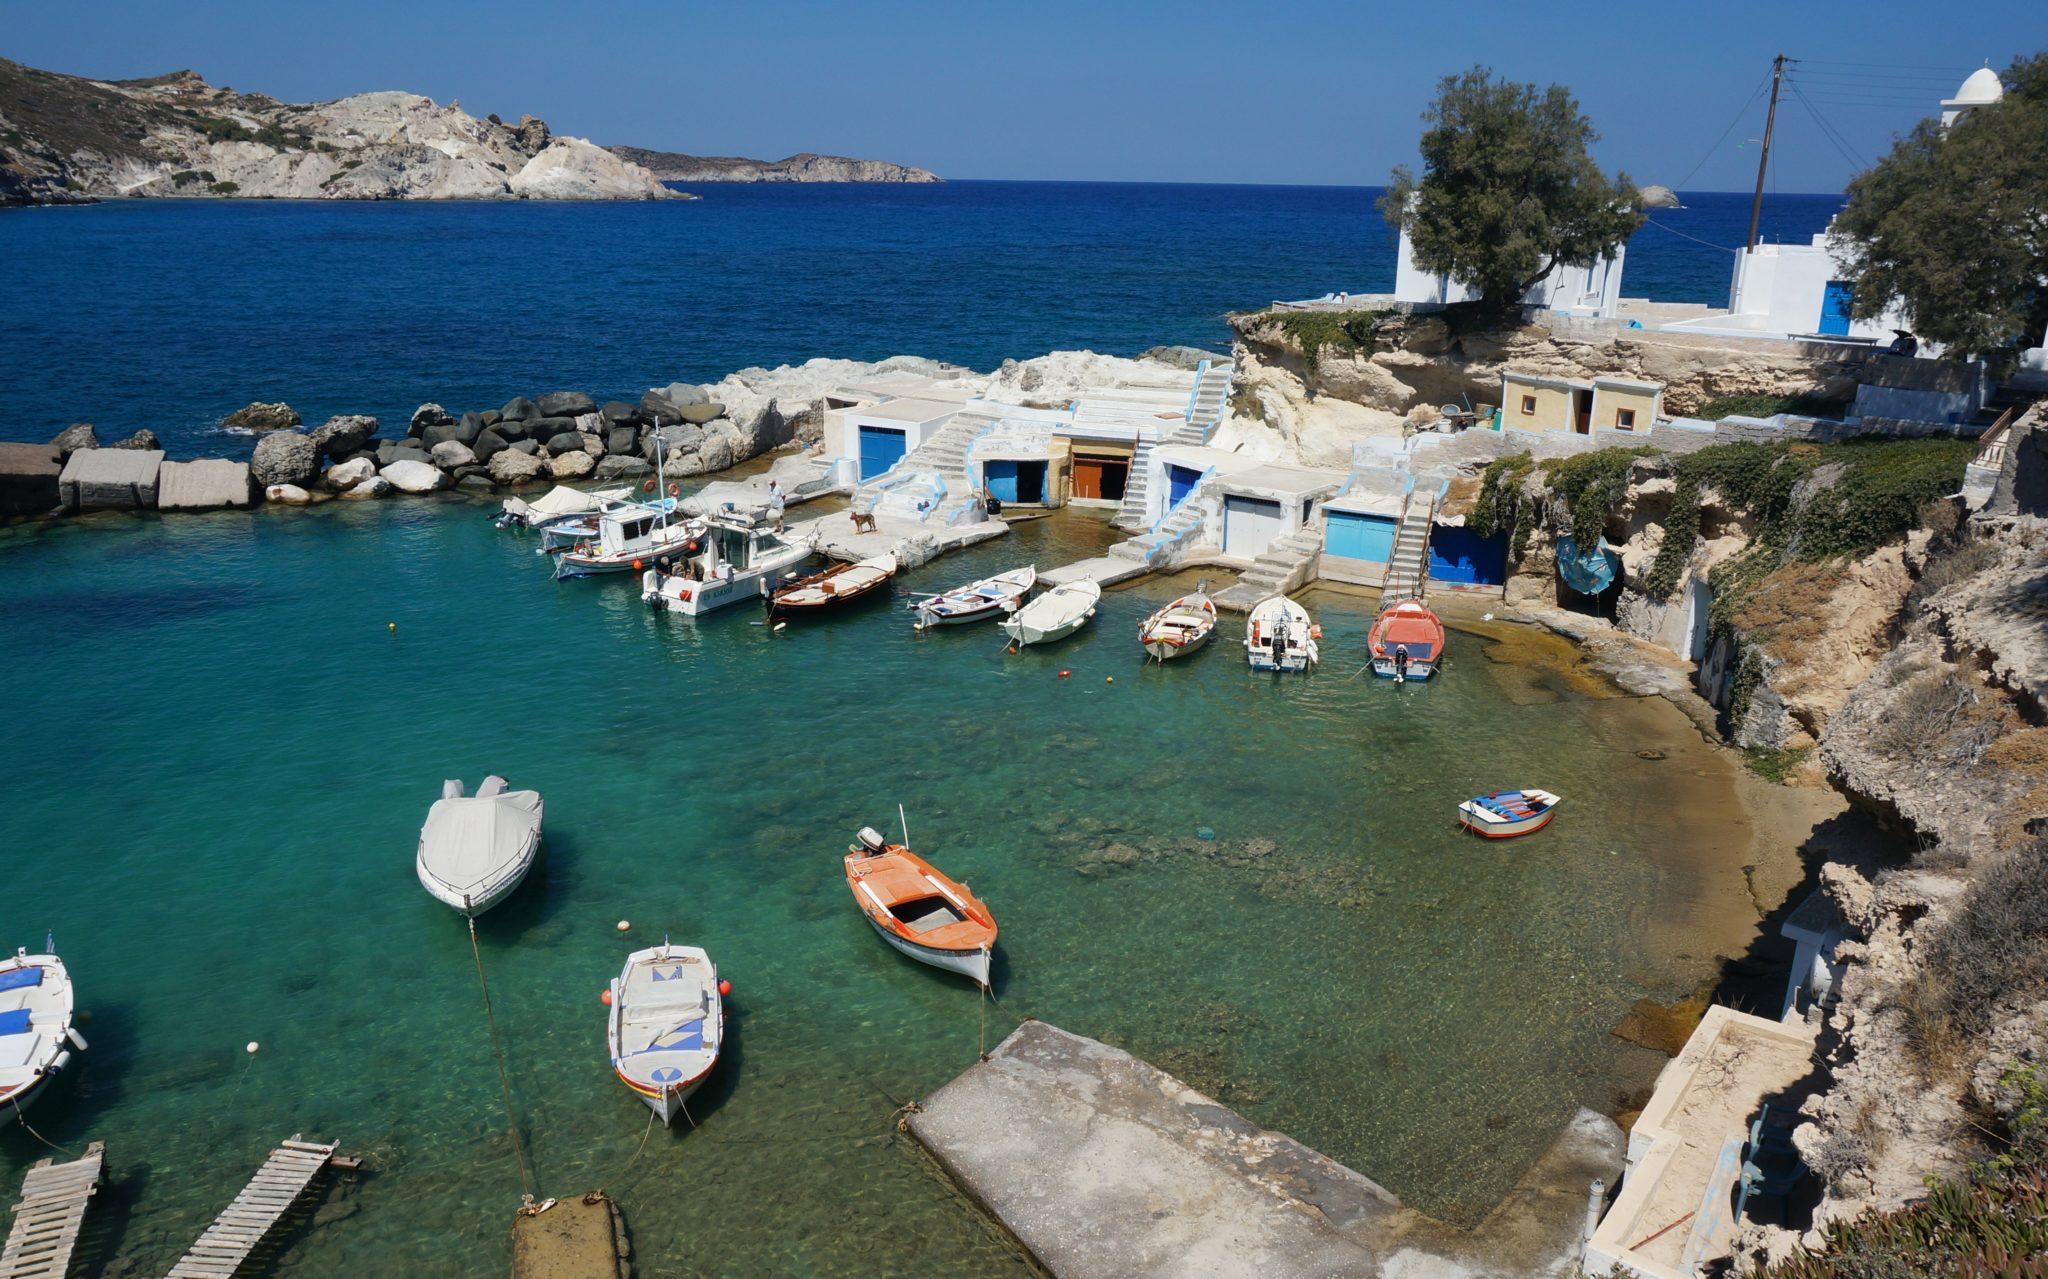 Un segreto ben custodito: l'isola di Milos